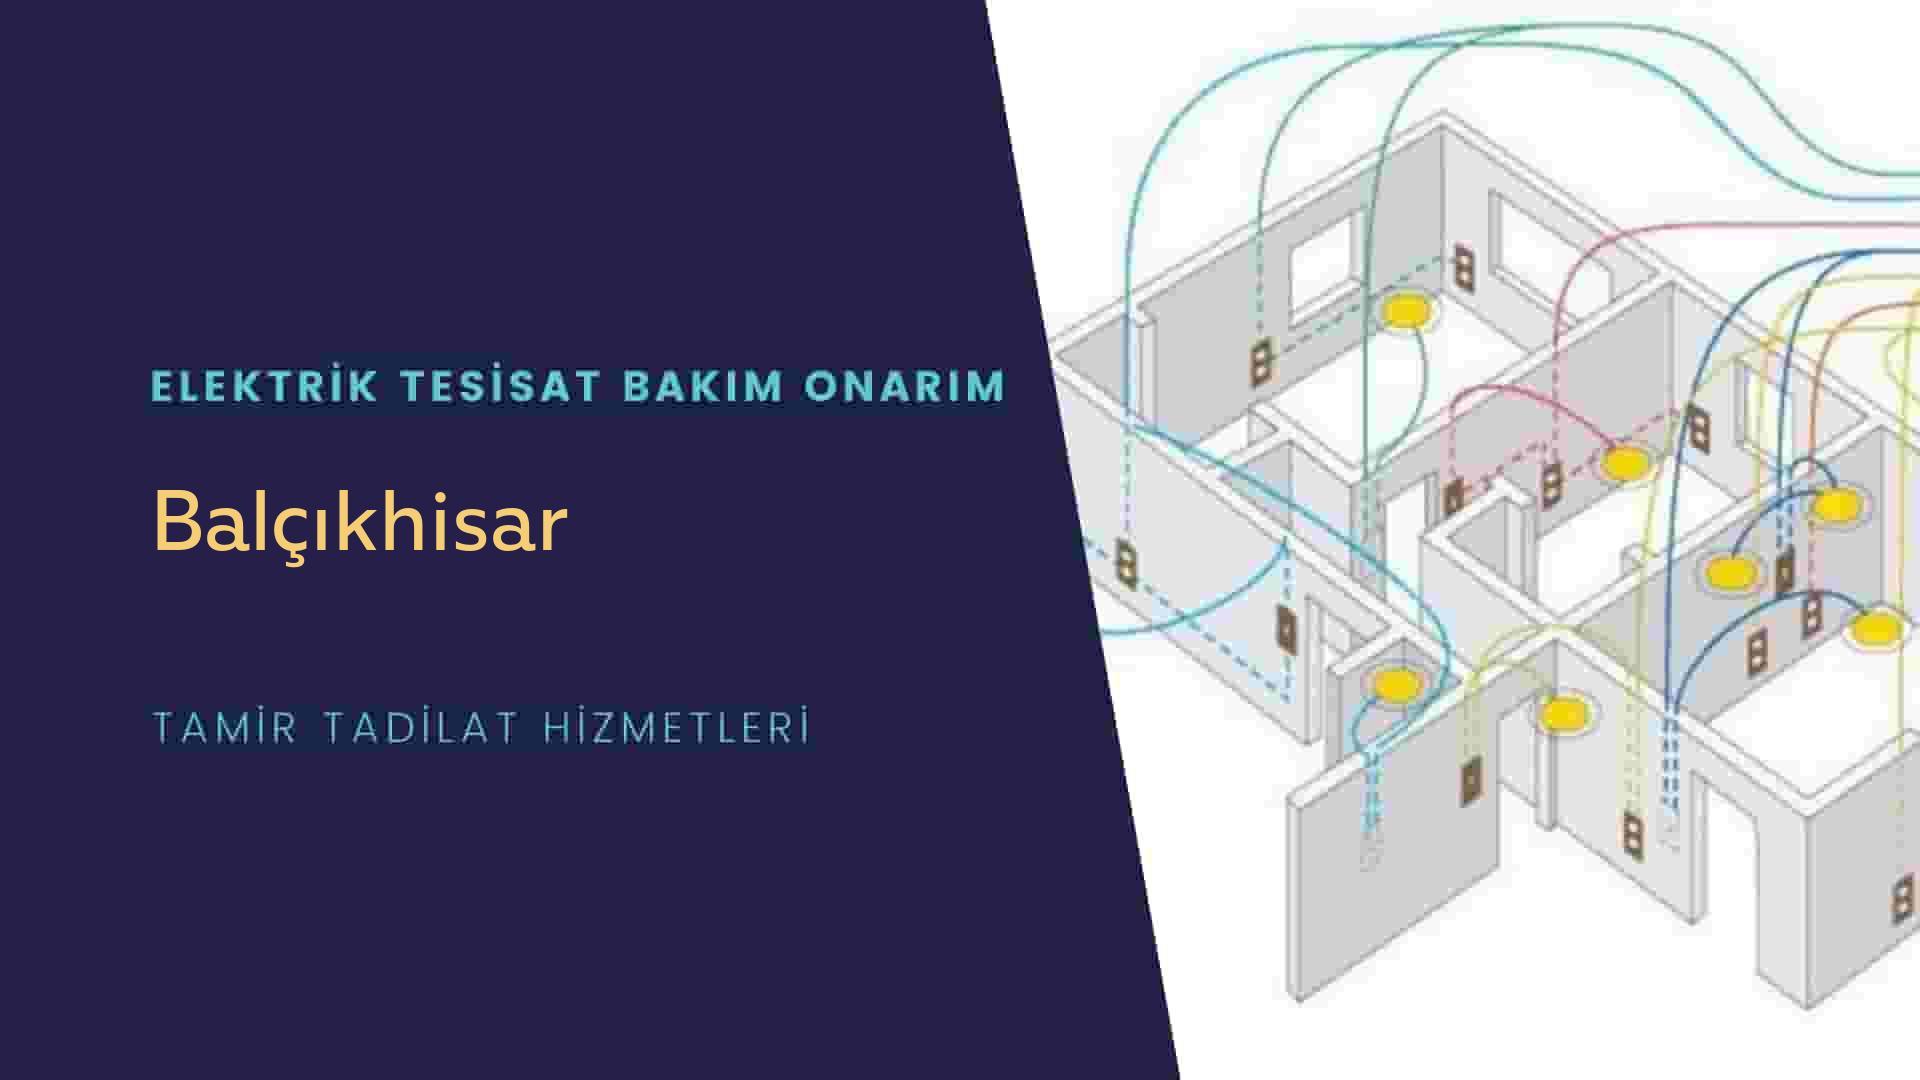 Balçıkhisar'da elektrik tesisatıustalarımı arıyorsunuz doğru adrestenizi Balçıkhisar elektrik tesisatı ustalarımız 7/24 sizlere hizmet vermekten mutluluk duyar.